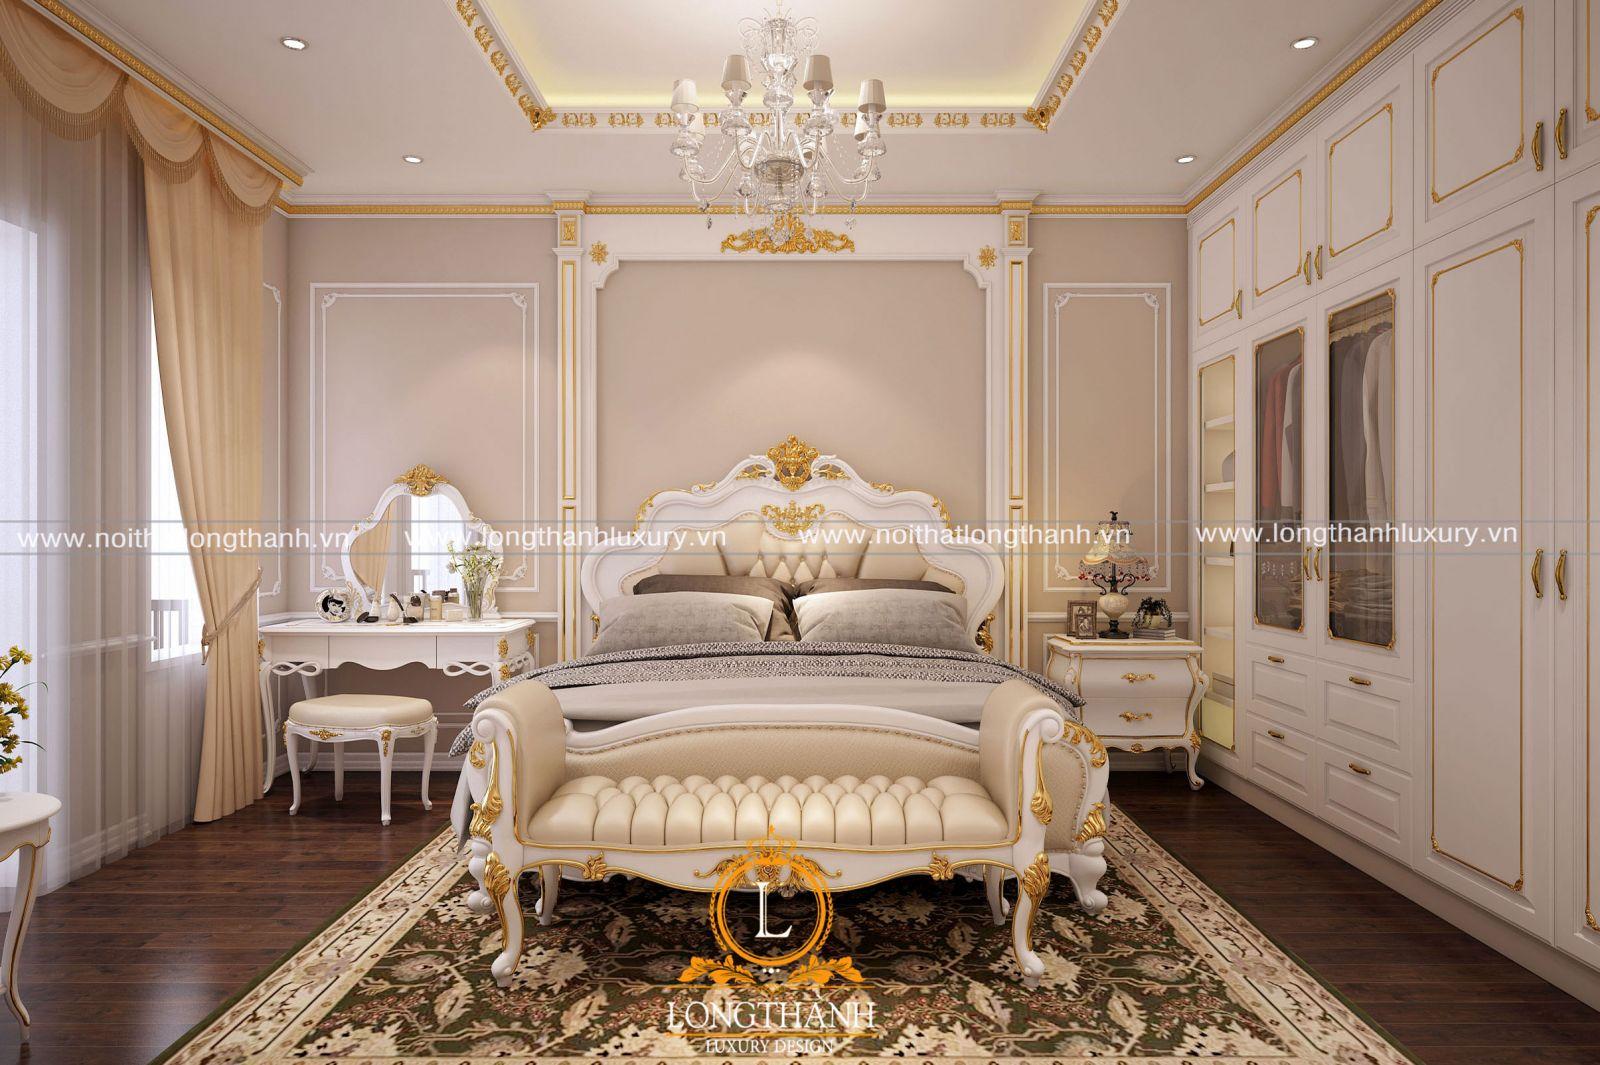 Phòng ngủ lộng lẫy cùng mẫu táp đầu giường trắng